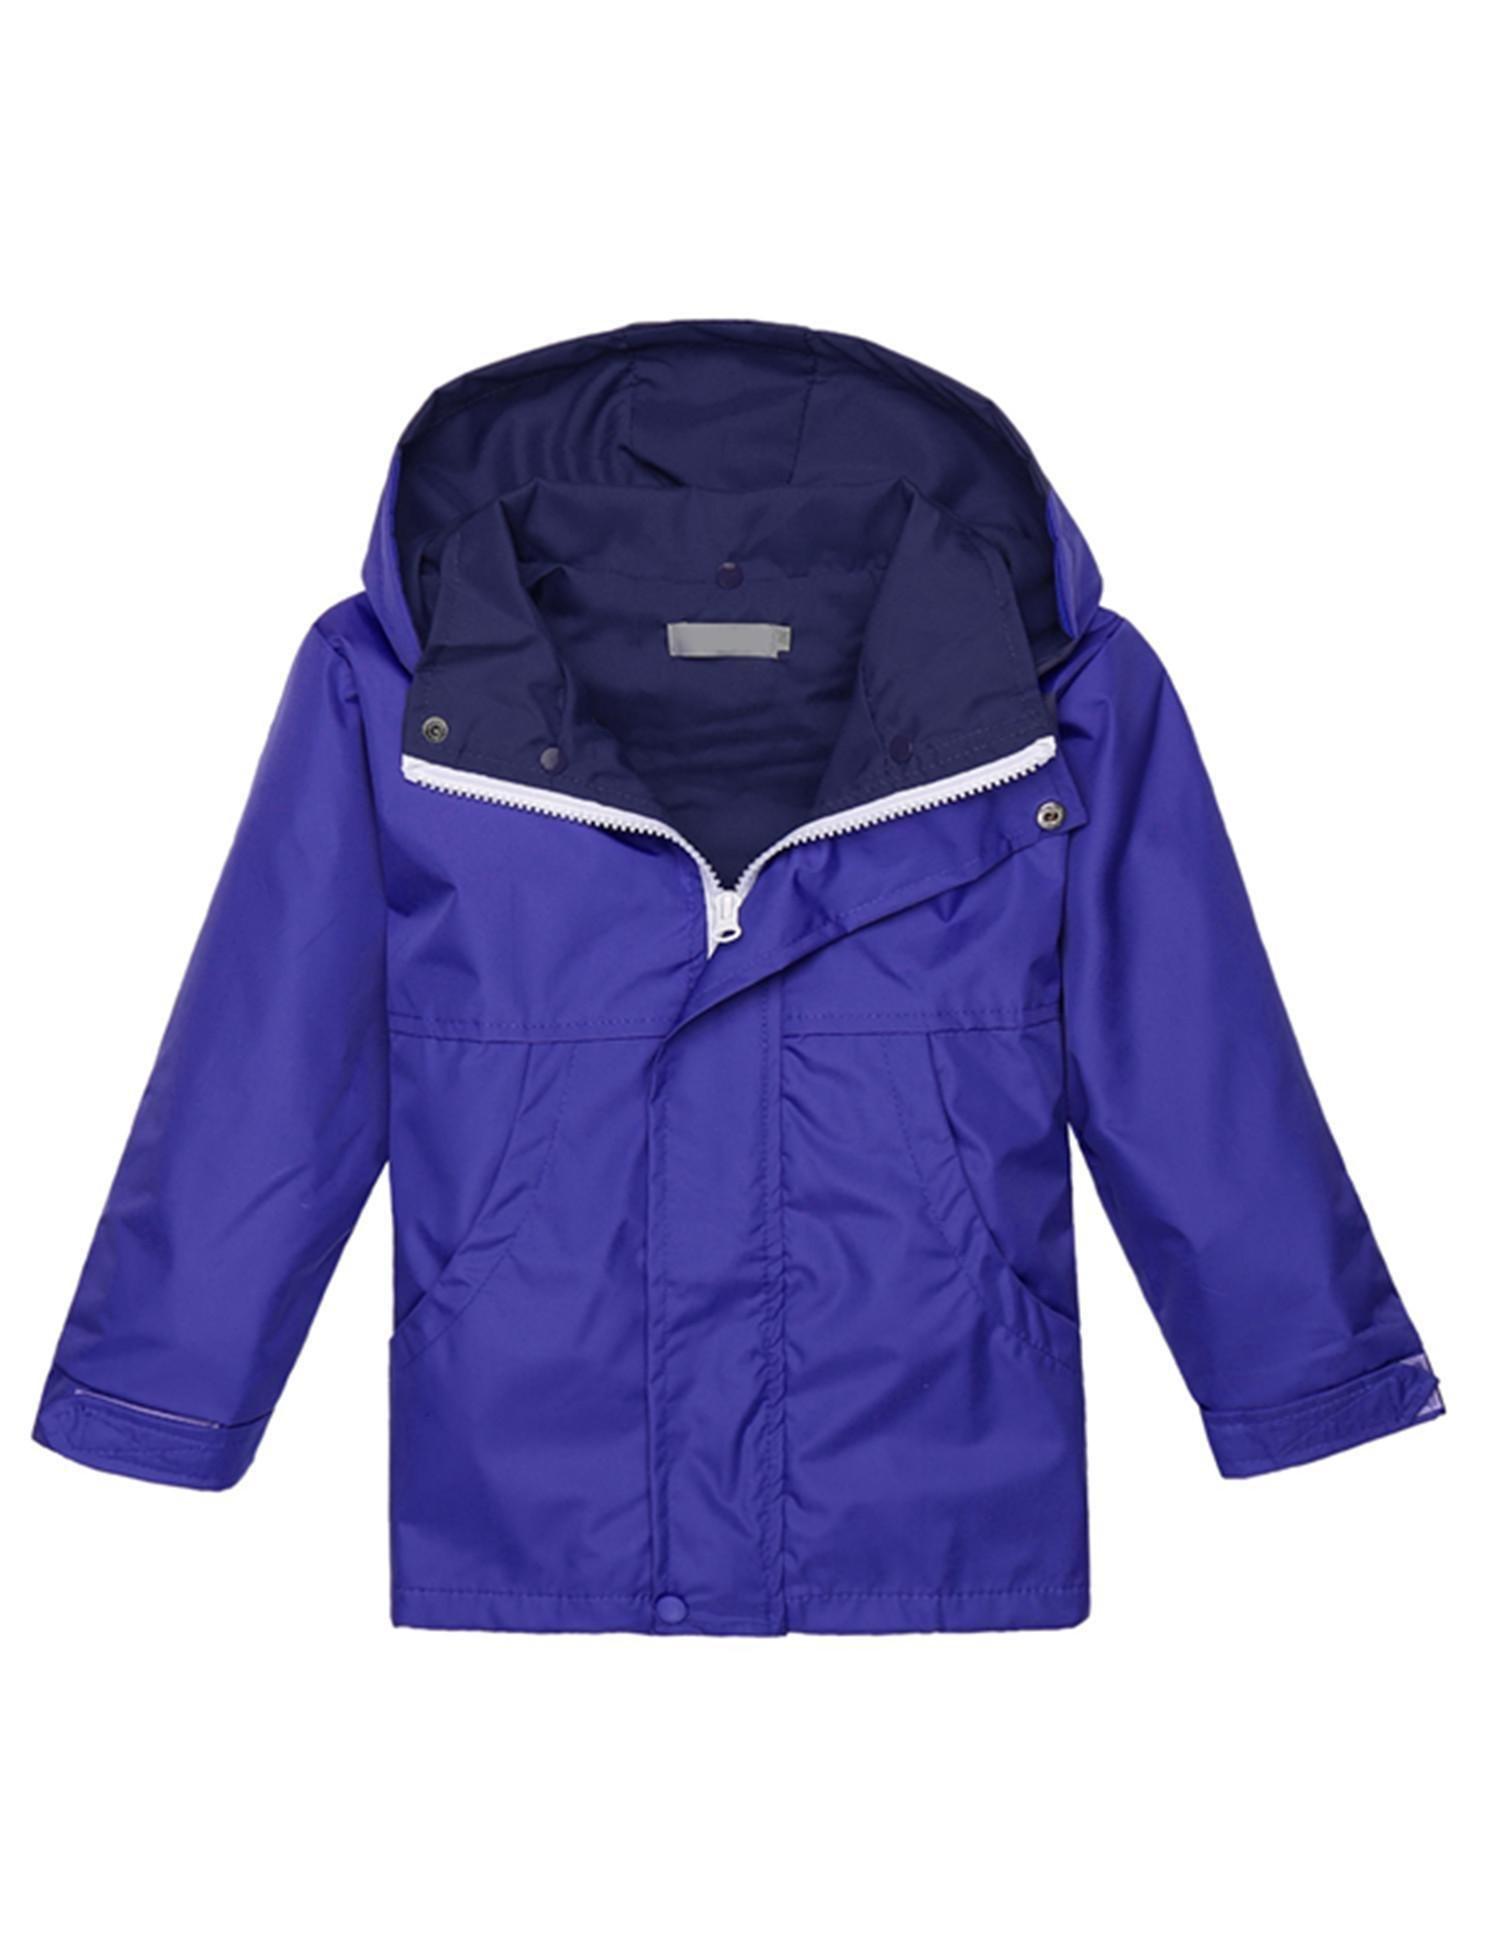 Corgy Baby Kid Girl Waterproof Hooded Coat Jacket Outwear Raincoat Hoodies by Corgy